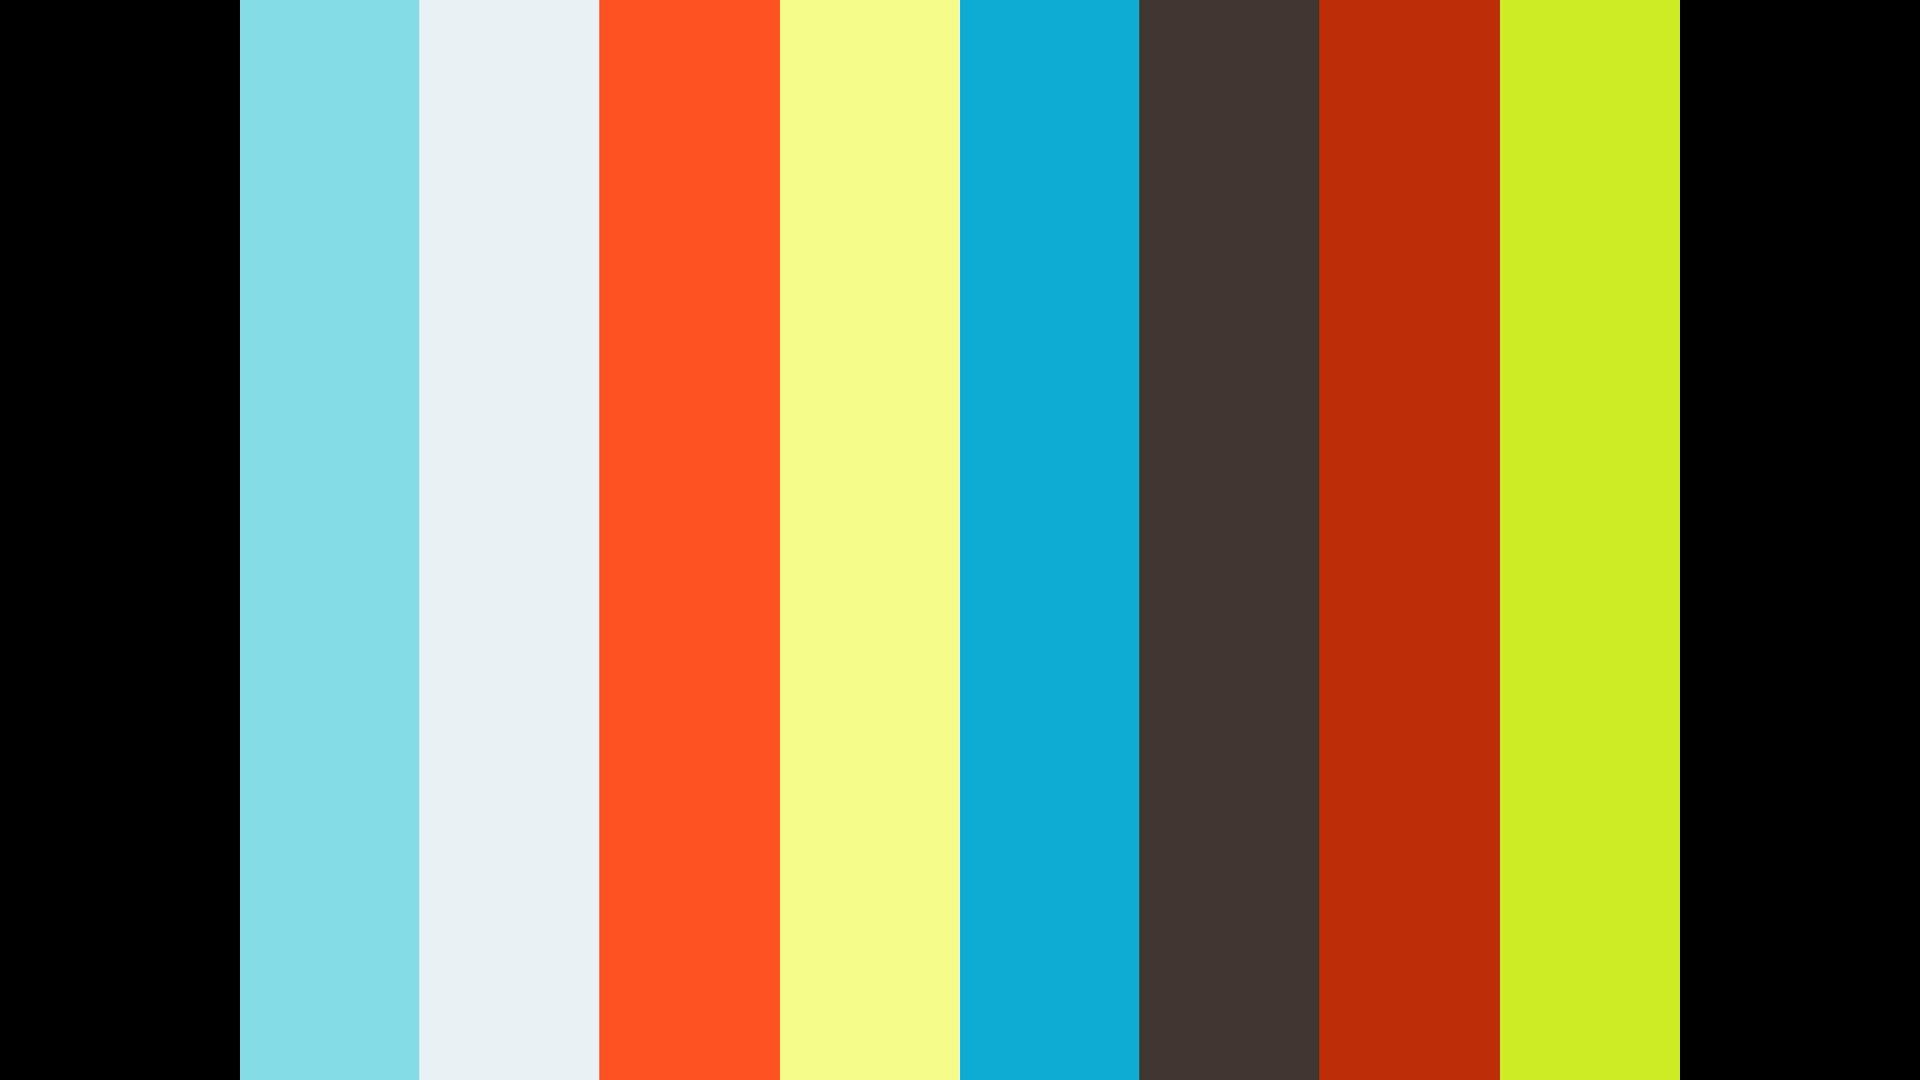 <p><u>Wohnm&ouml;bel-Programm Cibora</u><br /> Diese Wohnm&ouml;bel-Serie aus nat&uuml;rlicher und chraktervoller Wildeiche wurde mit viel Liebe zum Detail gestaltet. Die Vitrinen-Eins&auml;tze mit beleuchteter Eckverglasung und bronzierten Spiegelr&uuml;ckw&auml;nden sind ein echter Hingucker. Ebenso die Griffmulden, die mit geb&uuml;rstetem Alu abgesetzt sind. Weitere Modelle finden Sie in unserem Typenplan.</p>